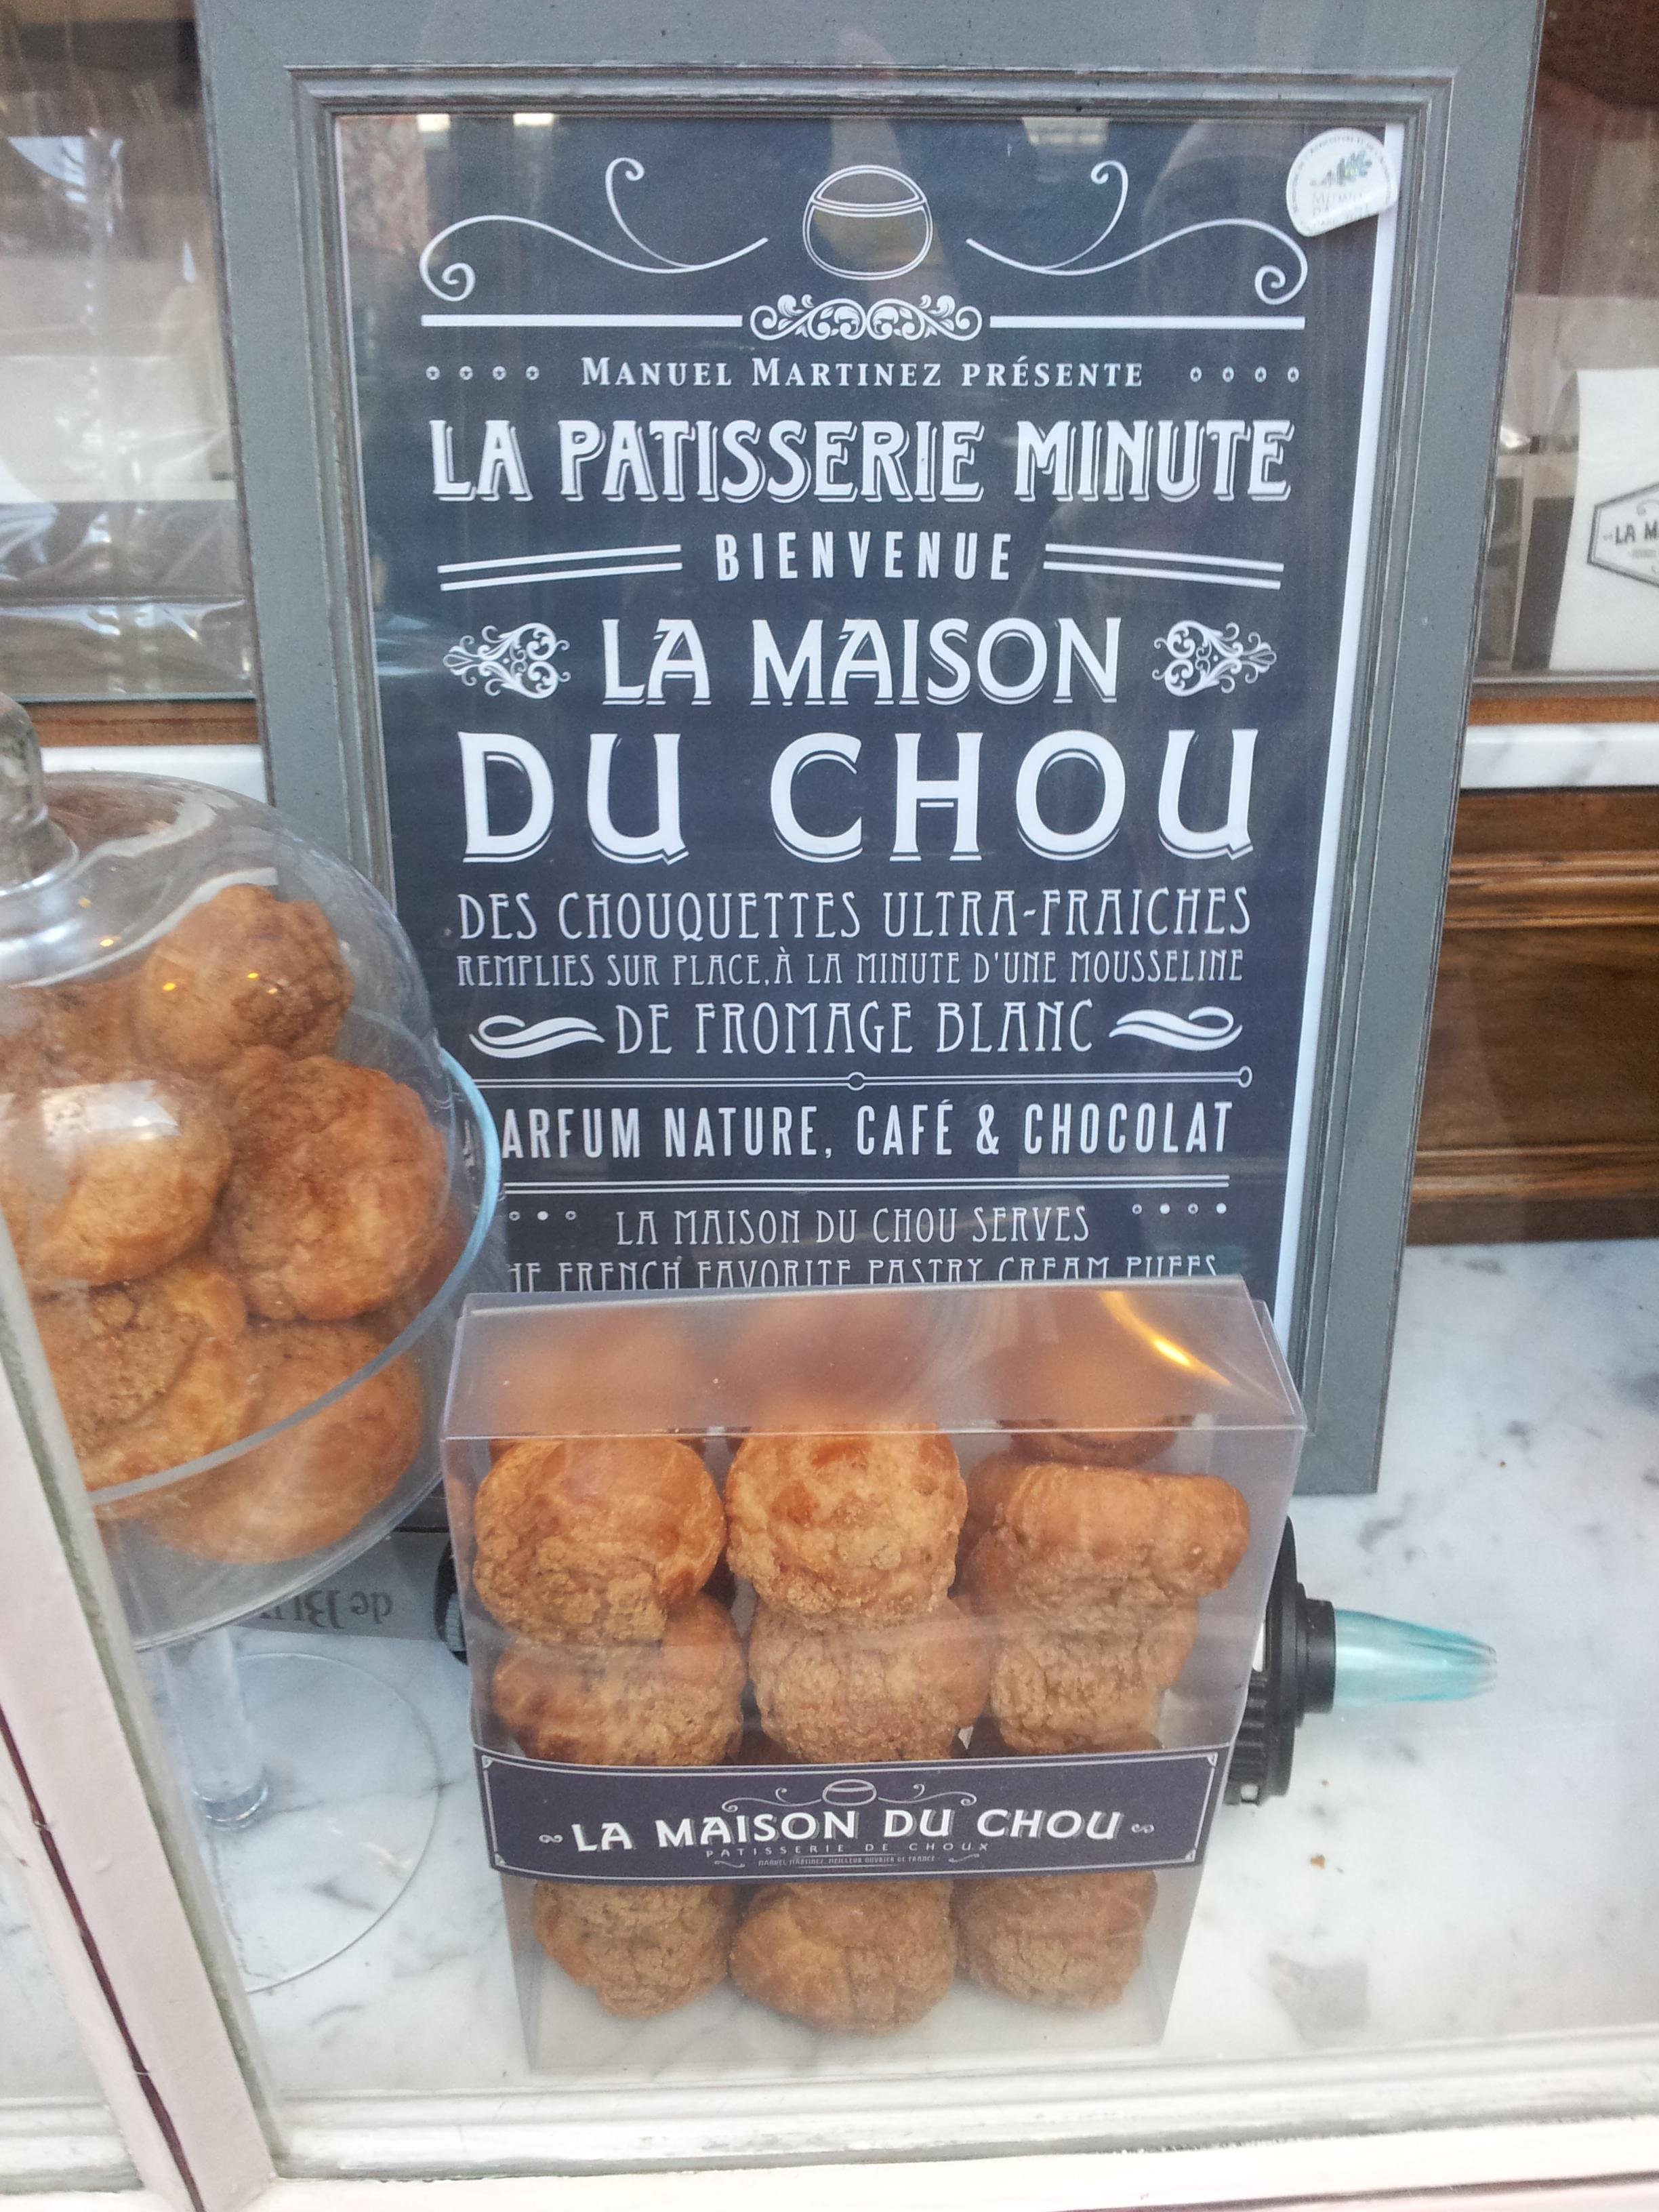 La maison du choux paris paris chocolate and pastry food - La maison du chou ...